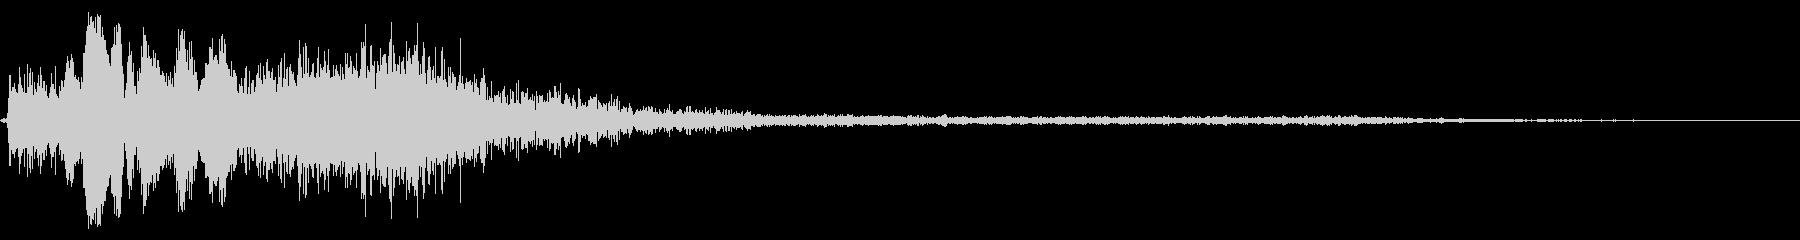 ホラー系アタック音1の未再生の波形